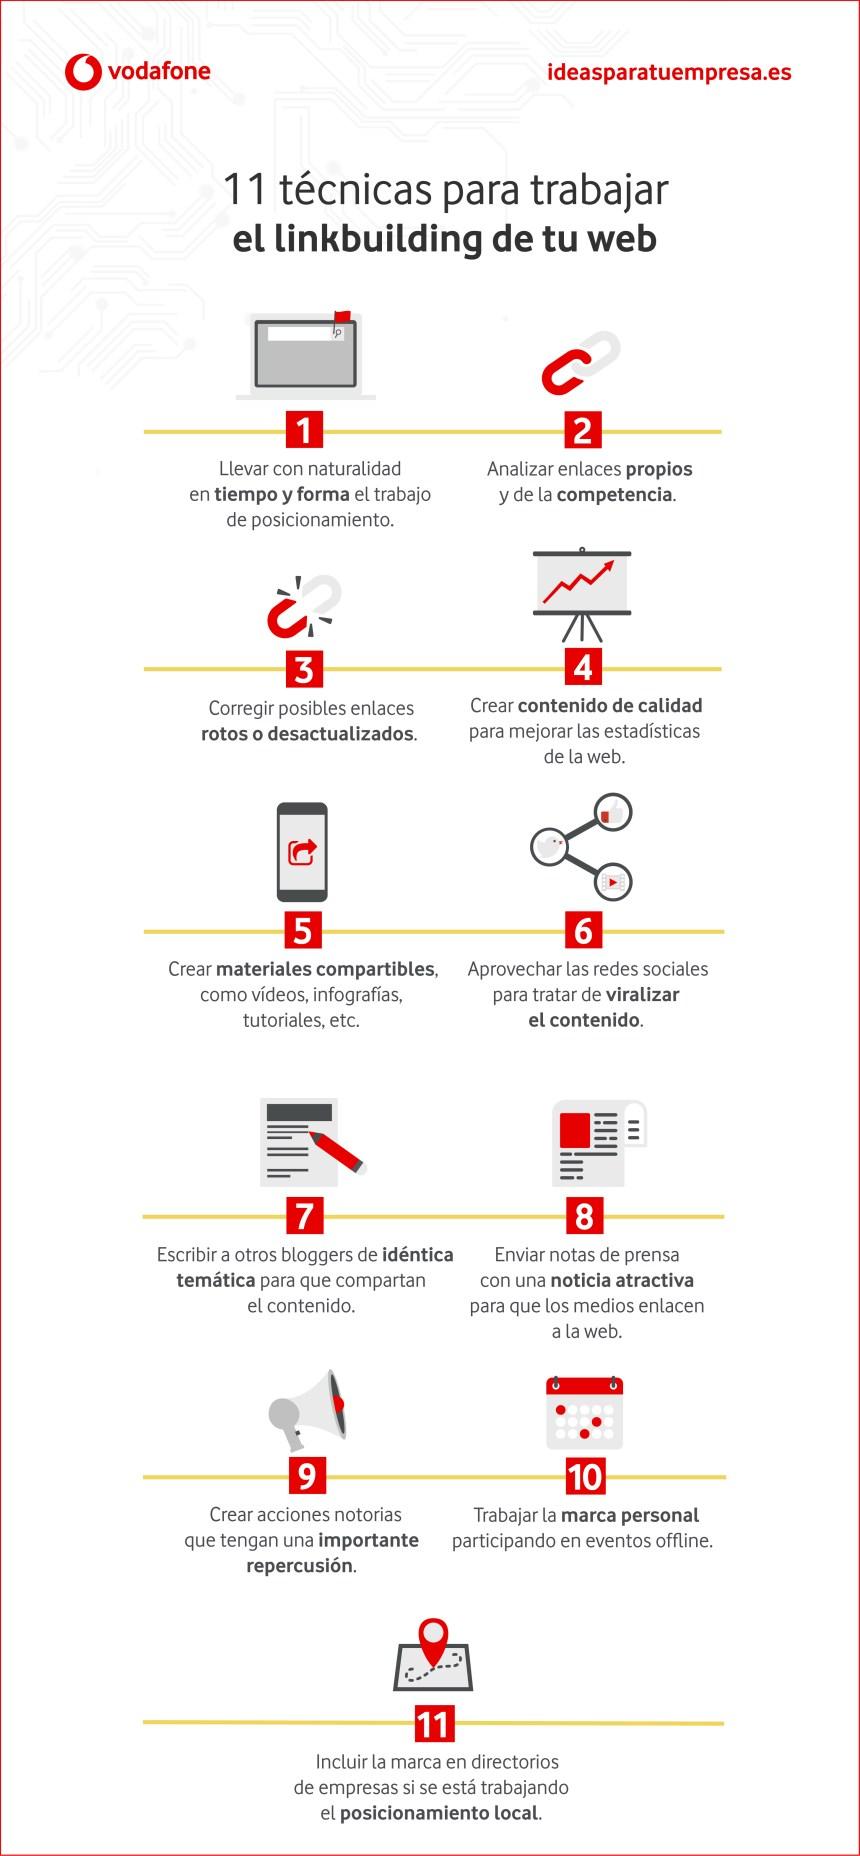 11 técnicas para trabajar el linkbuilding en tu web #infografia #infographic #seo